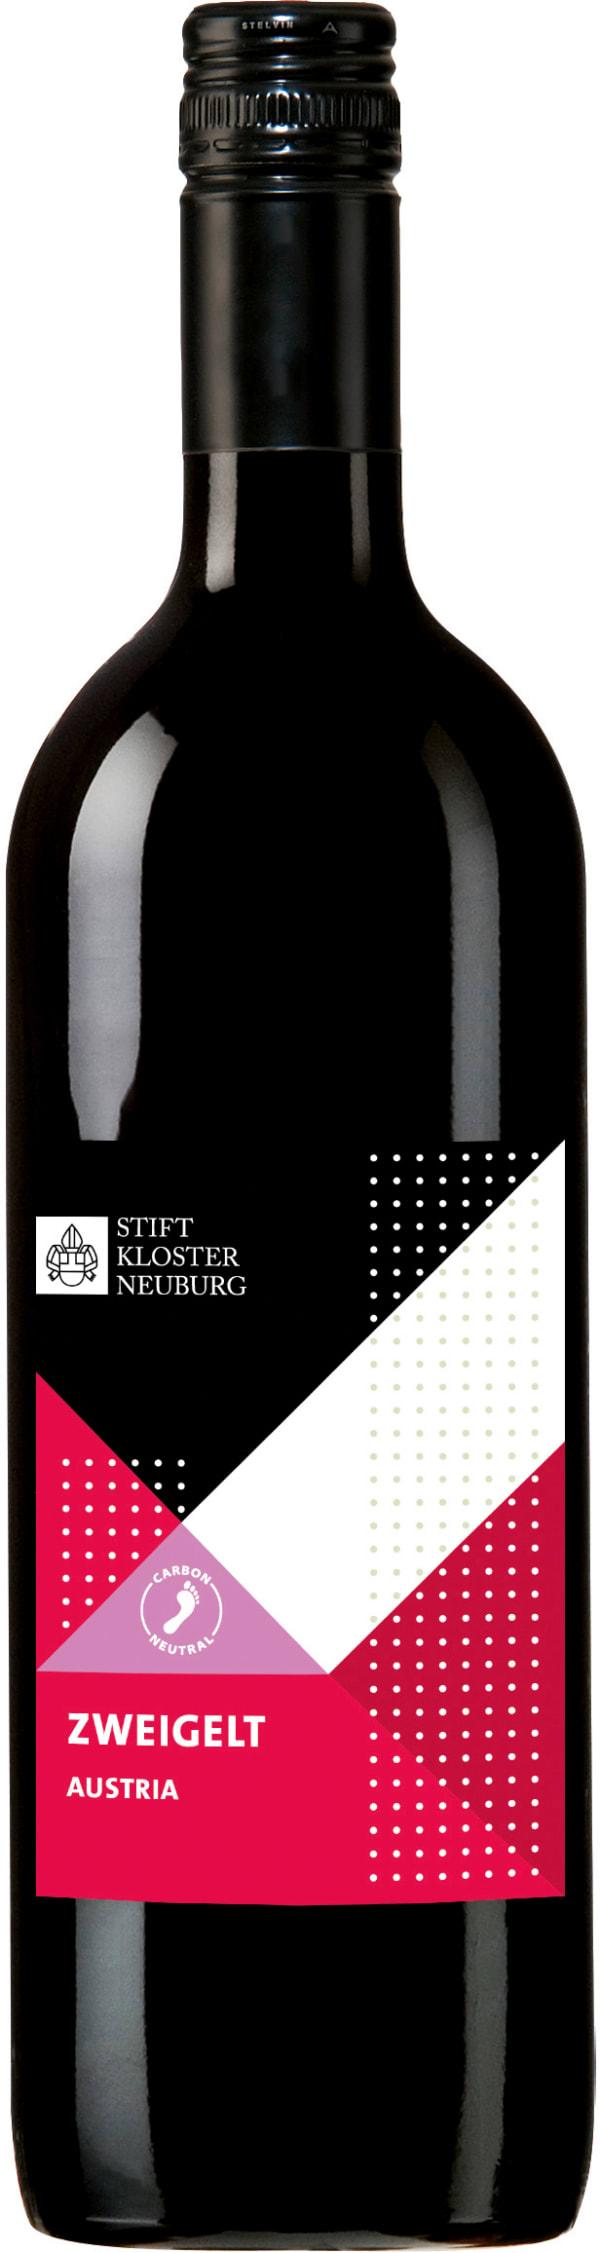 Stiftskellerei Klosterneuburg Zweigelt 2017